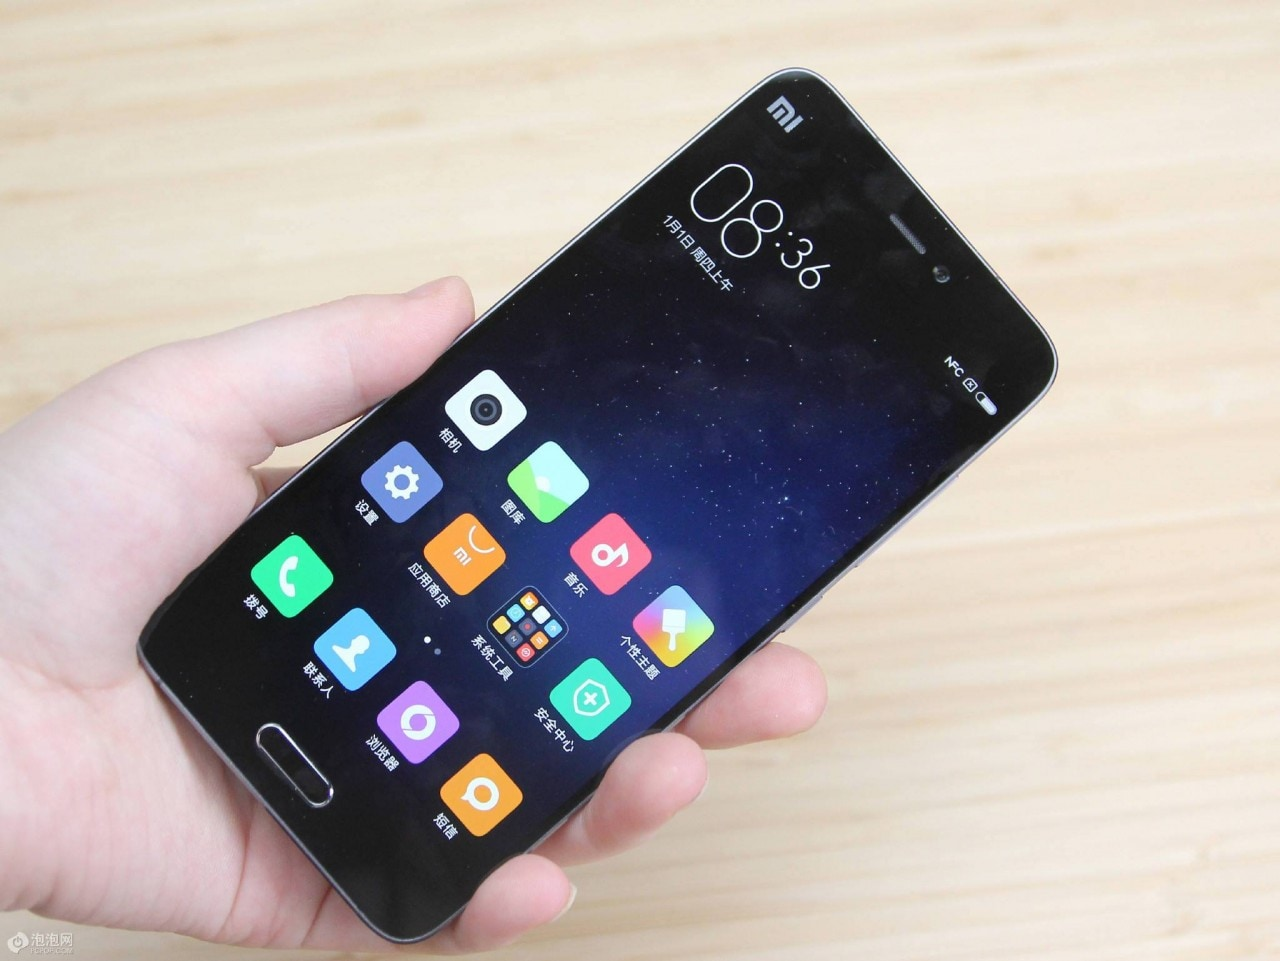 Xiaomi Mi 5 è più bello che mai nell'unboxing ufficiale (foto)